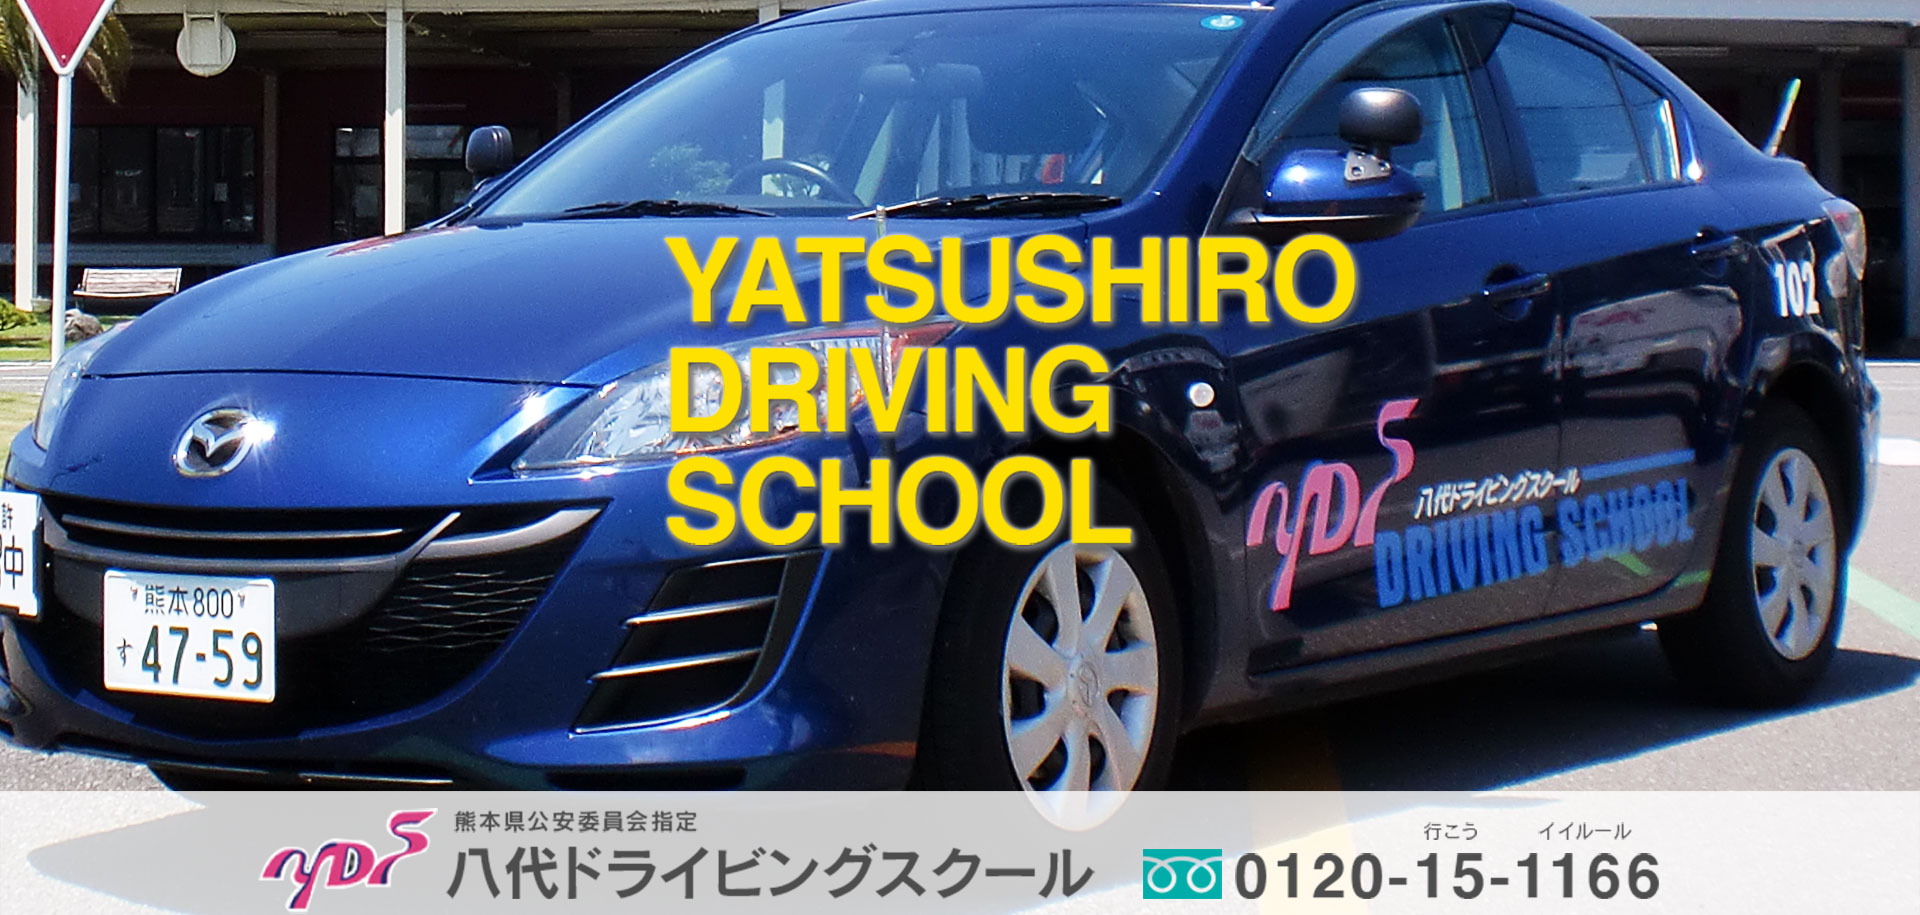 予約 学校 八代 自動車